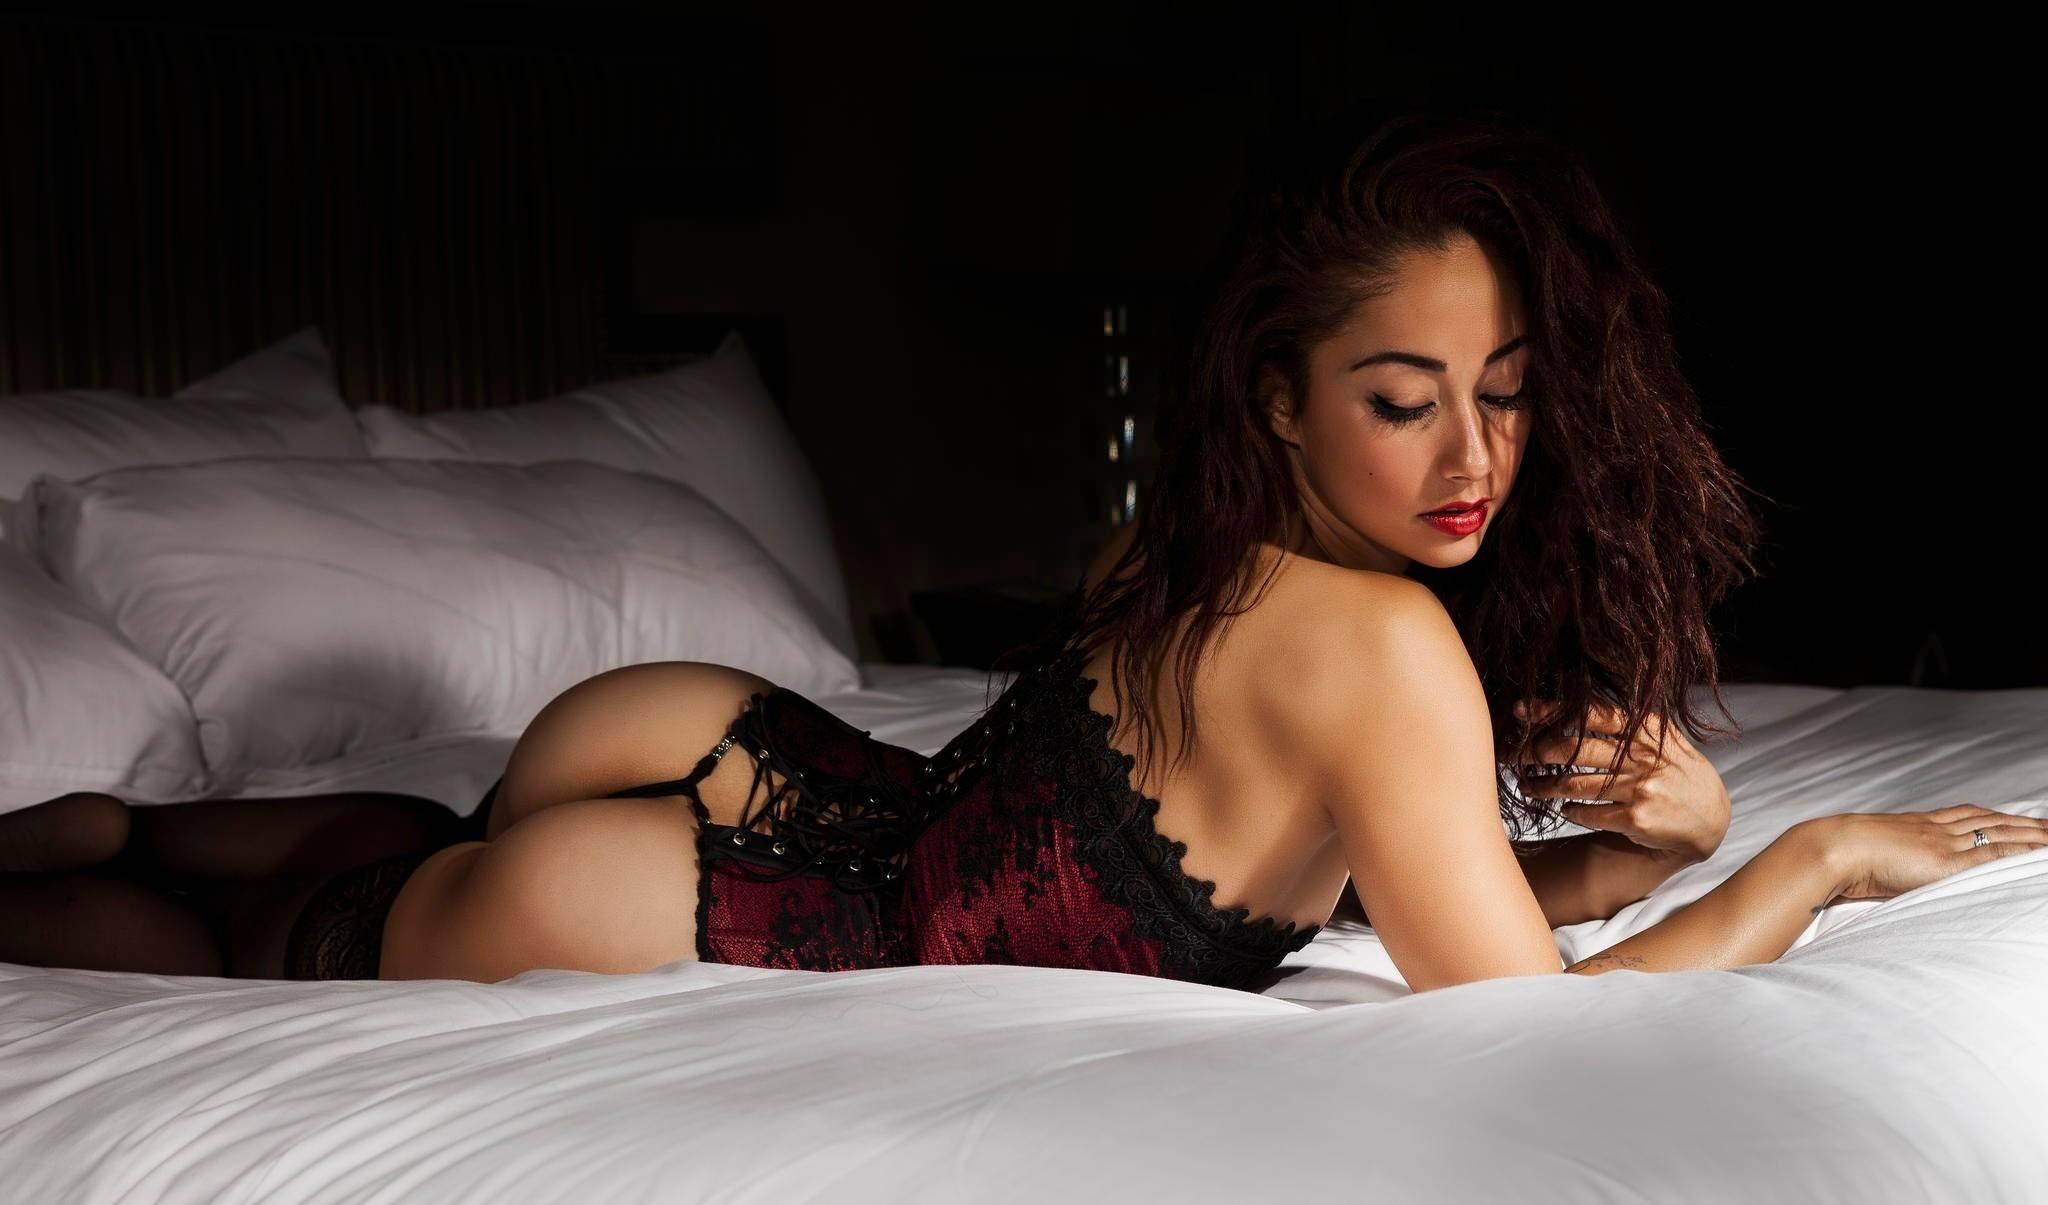 Фото Жгучая красотка в бордовом корсете, сексуальная попка, чулочки, постель, скачать картинку бесплатно